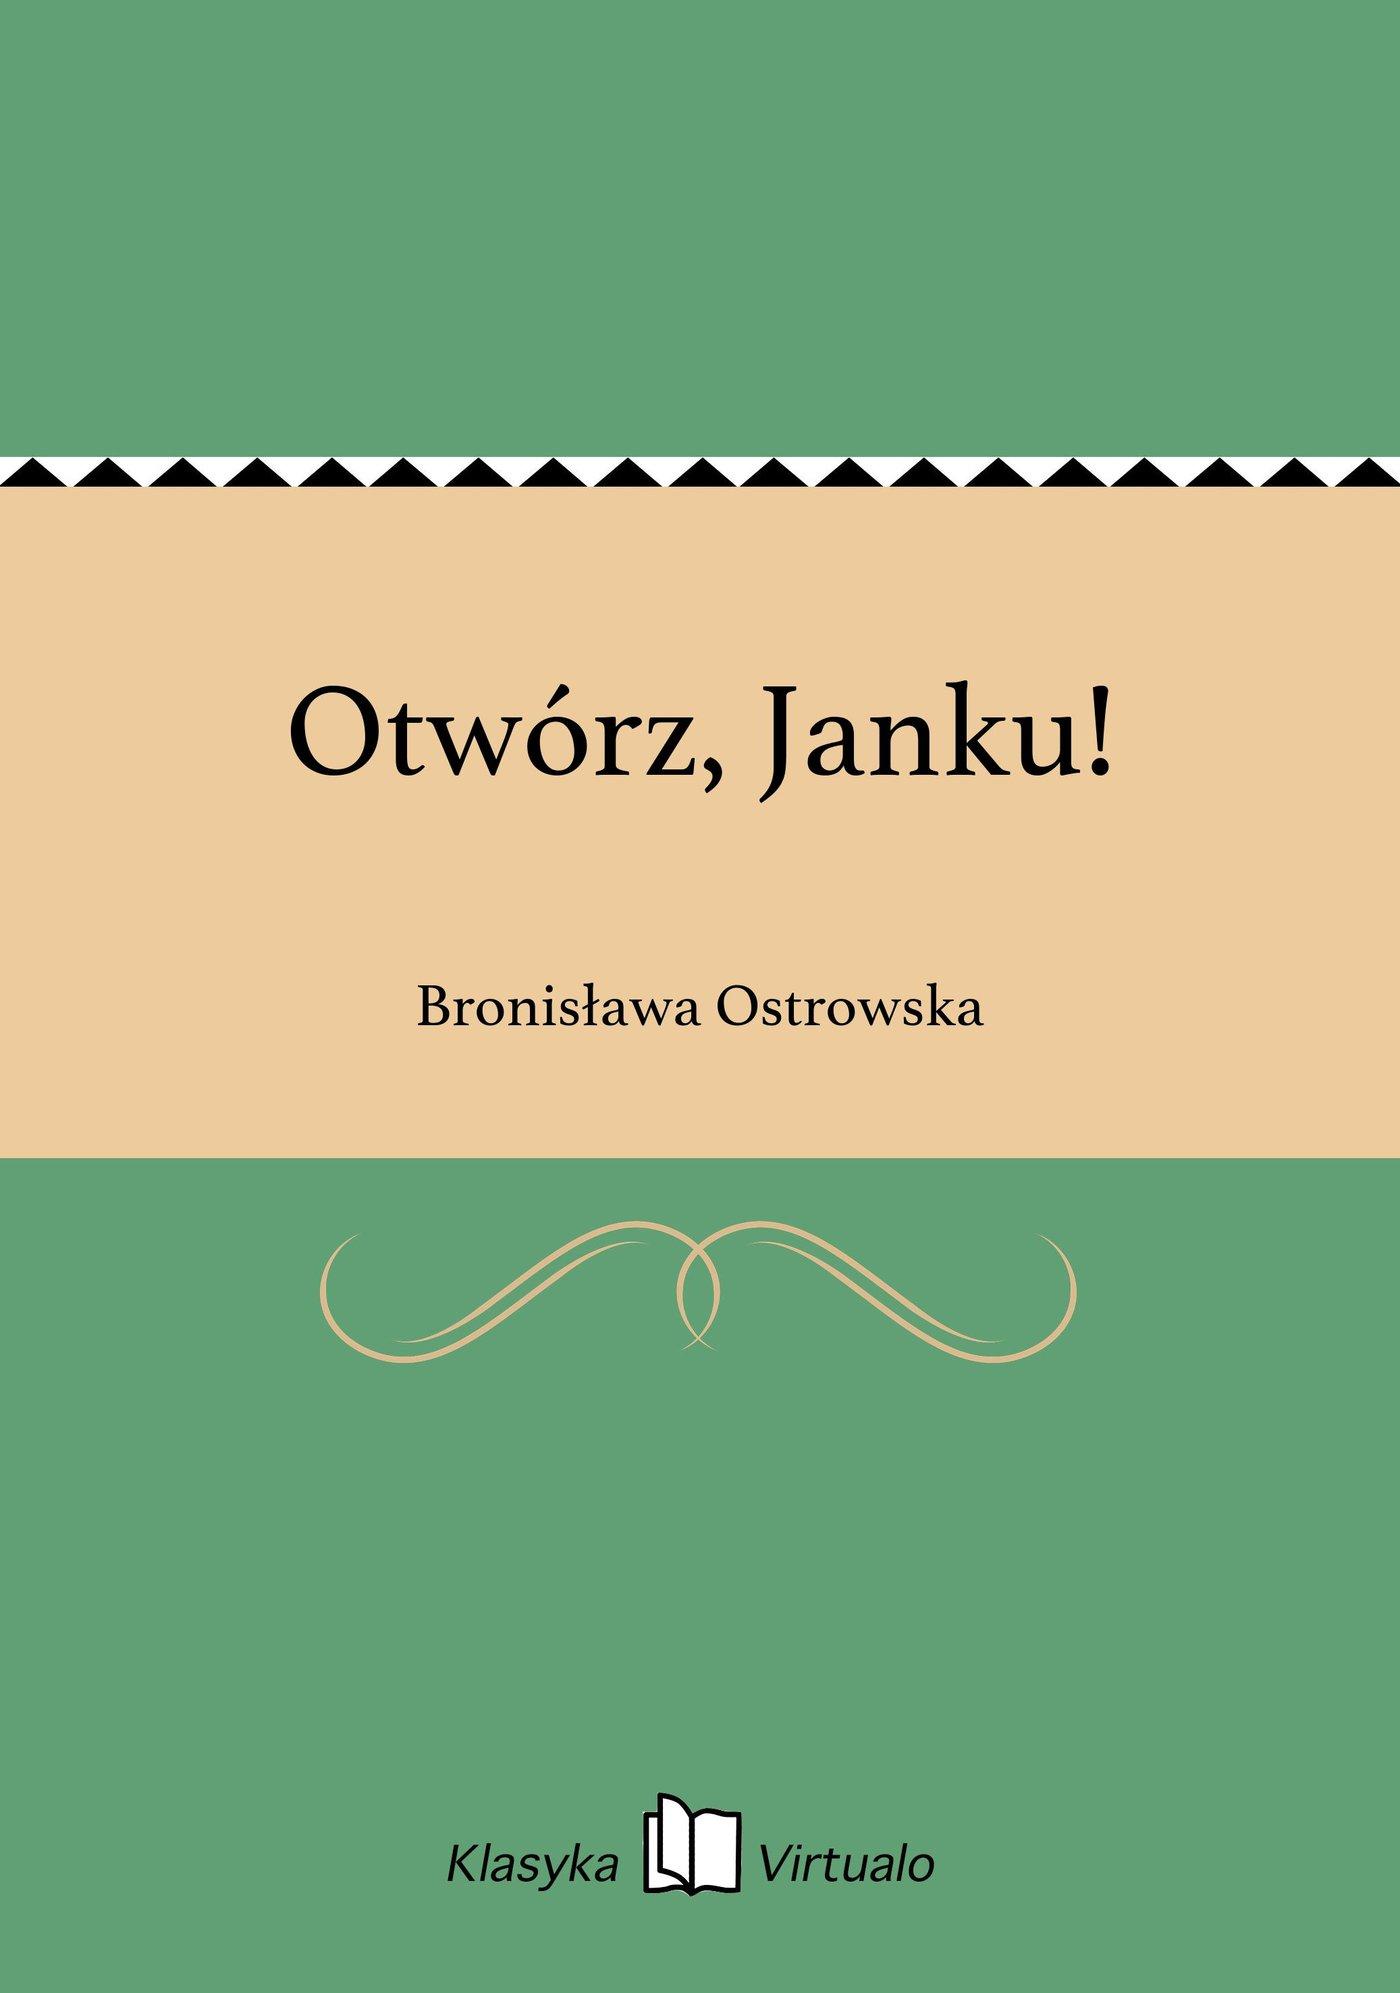 Otwórz, Janku! - Ebook (Książka EPUB) do pobrania w formacie EPUB